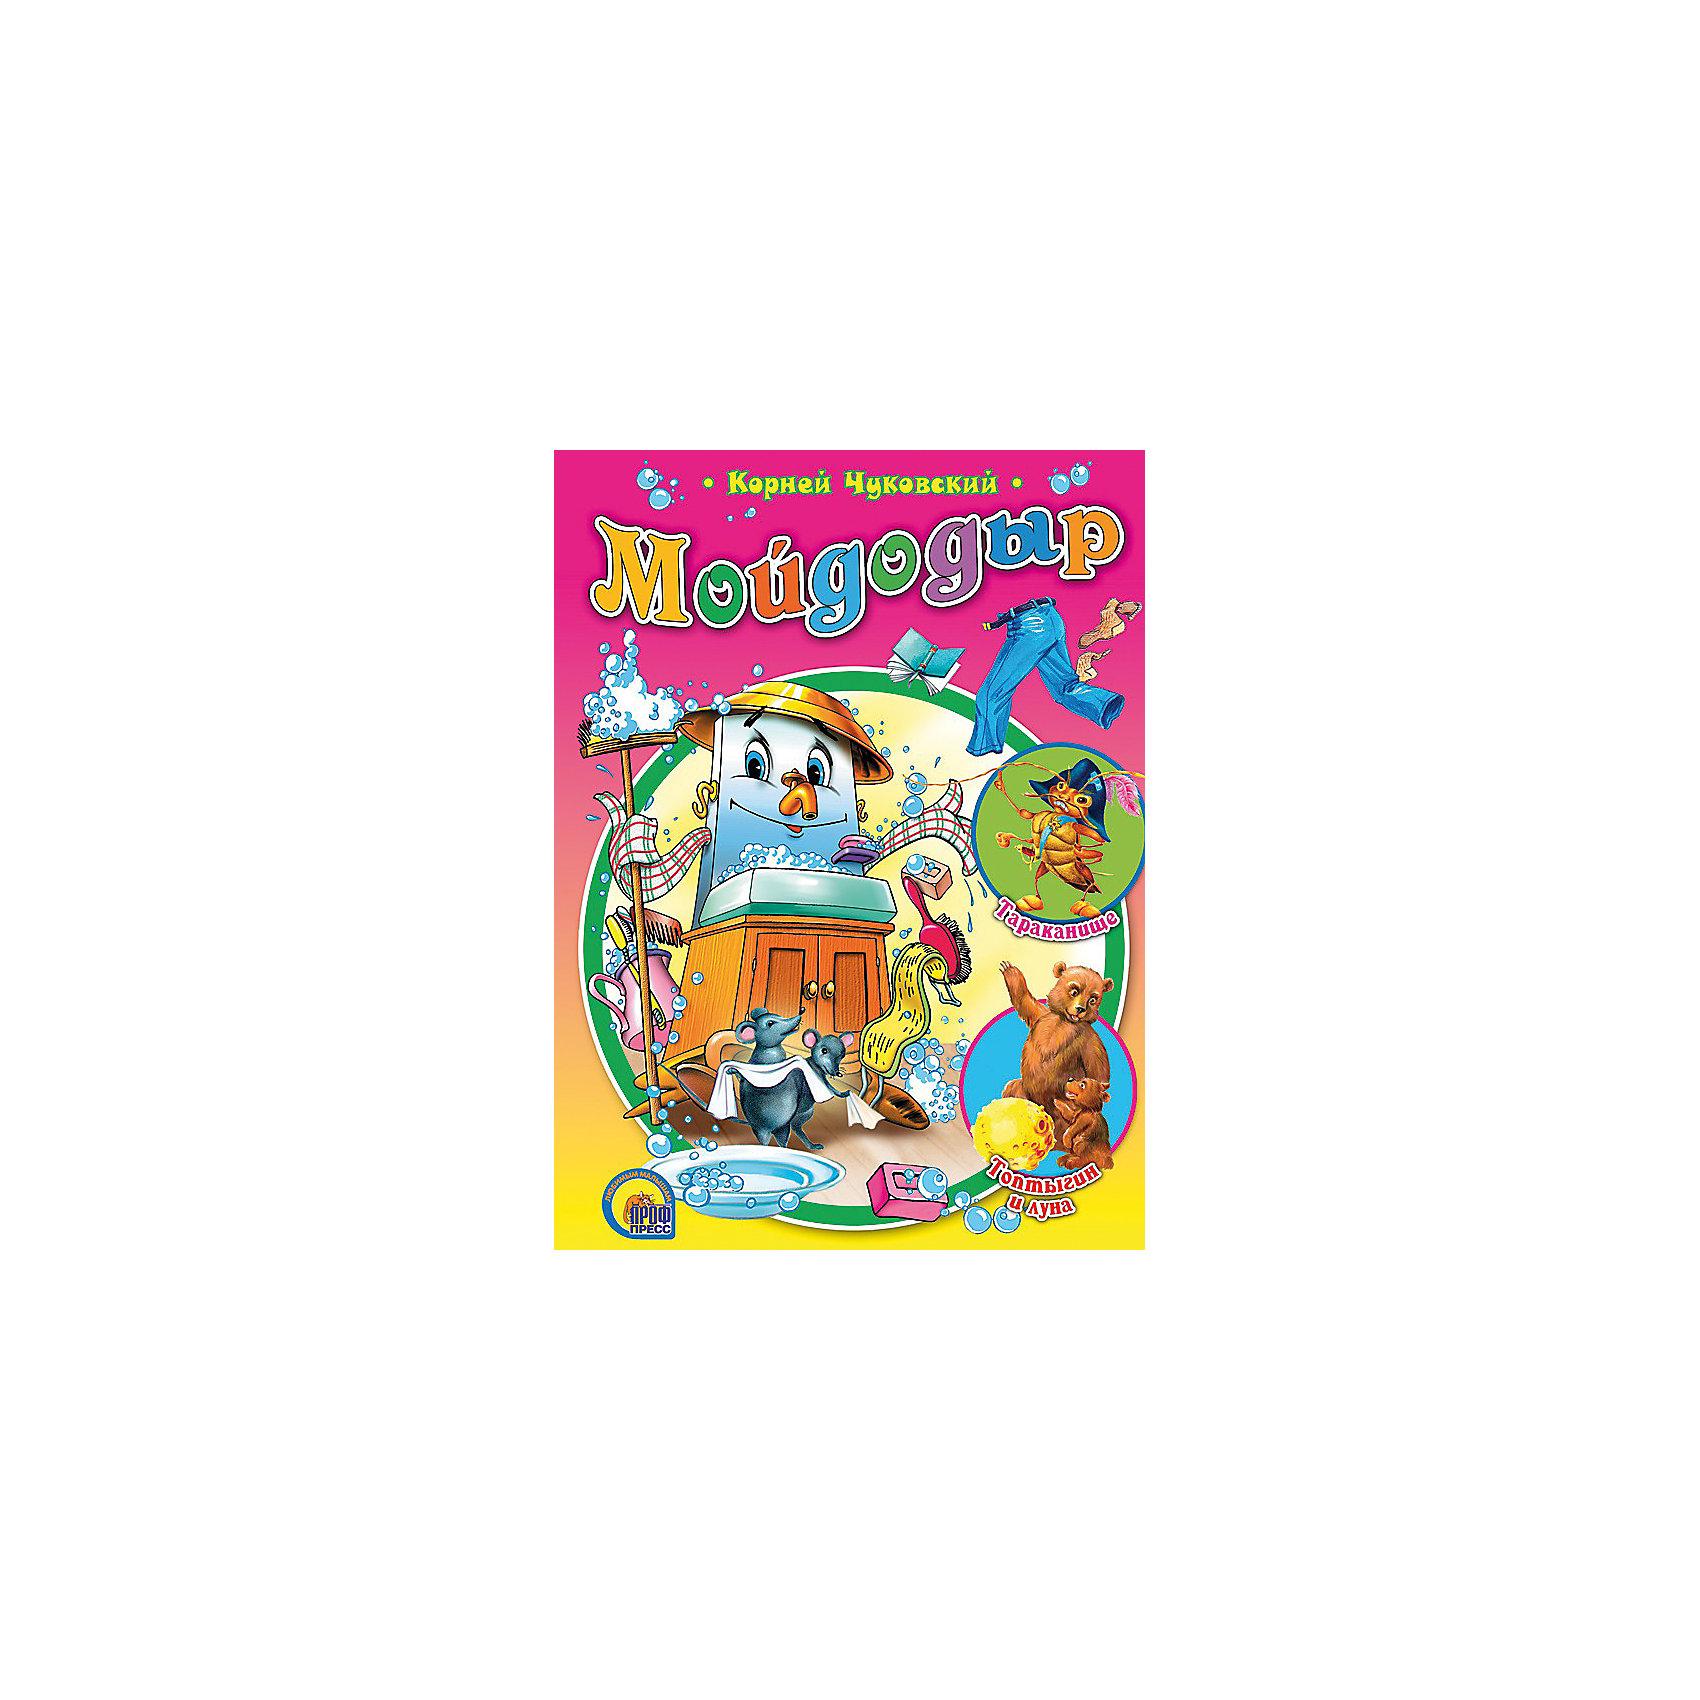 Мойдодыр, К. ЧуковскийПолные юмора и глубокой народной мудрости сборники серии стихов, сказок и рассказов серия Стихи и сказки малышам -исключительное средство для воспитания детей.<br><br>Материал: бумага офсетная, интегральная (гибкая) обложка, матовая ламинация, выборочная УФ-лакировка с глиттером. <br>Книга содержит 64 стр.<br><br>Ширина мм: 160<br>Глубина мм: 6<br>Высота мм: 220<br>Вес г: 128<br>Возраст от месяцев: 12<br>Возраст до месяцев: 60<br>Пол: Унисекс<br>Возраст: Детский<br>SKU: 2499702